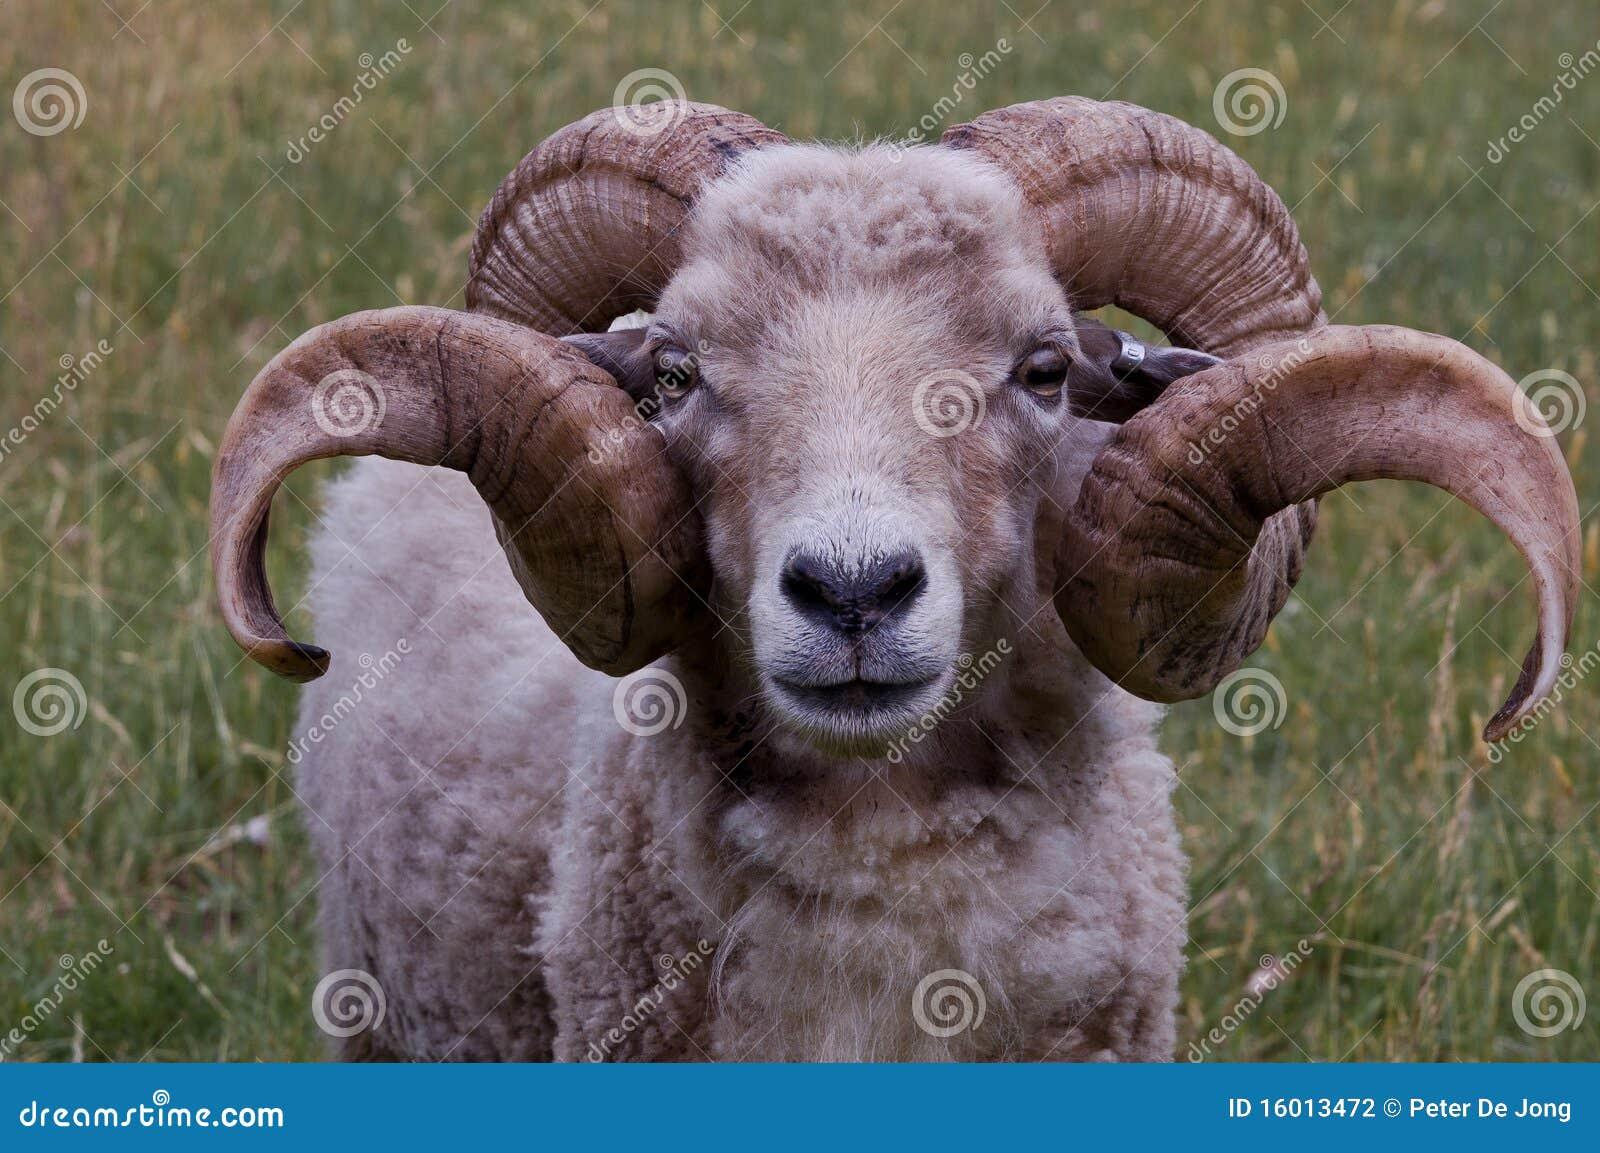 A ram with nice horns